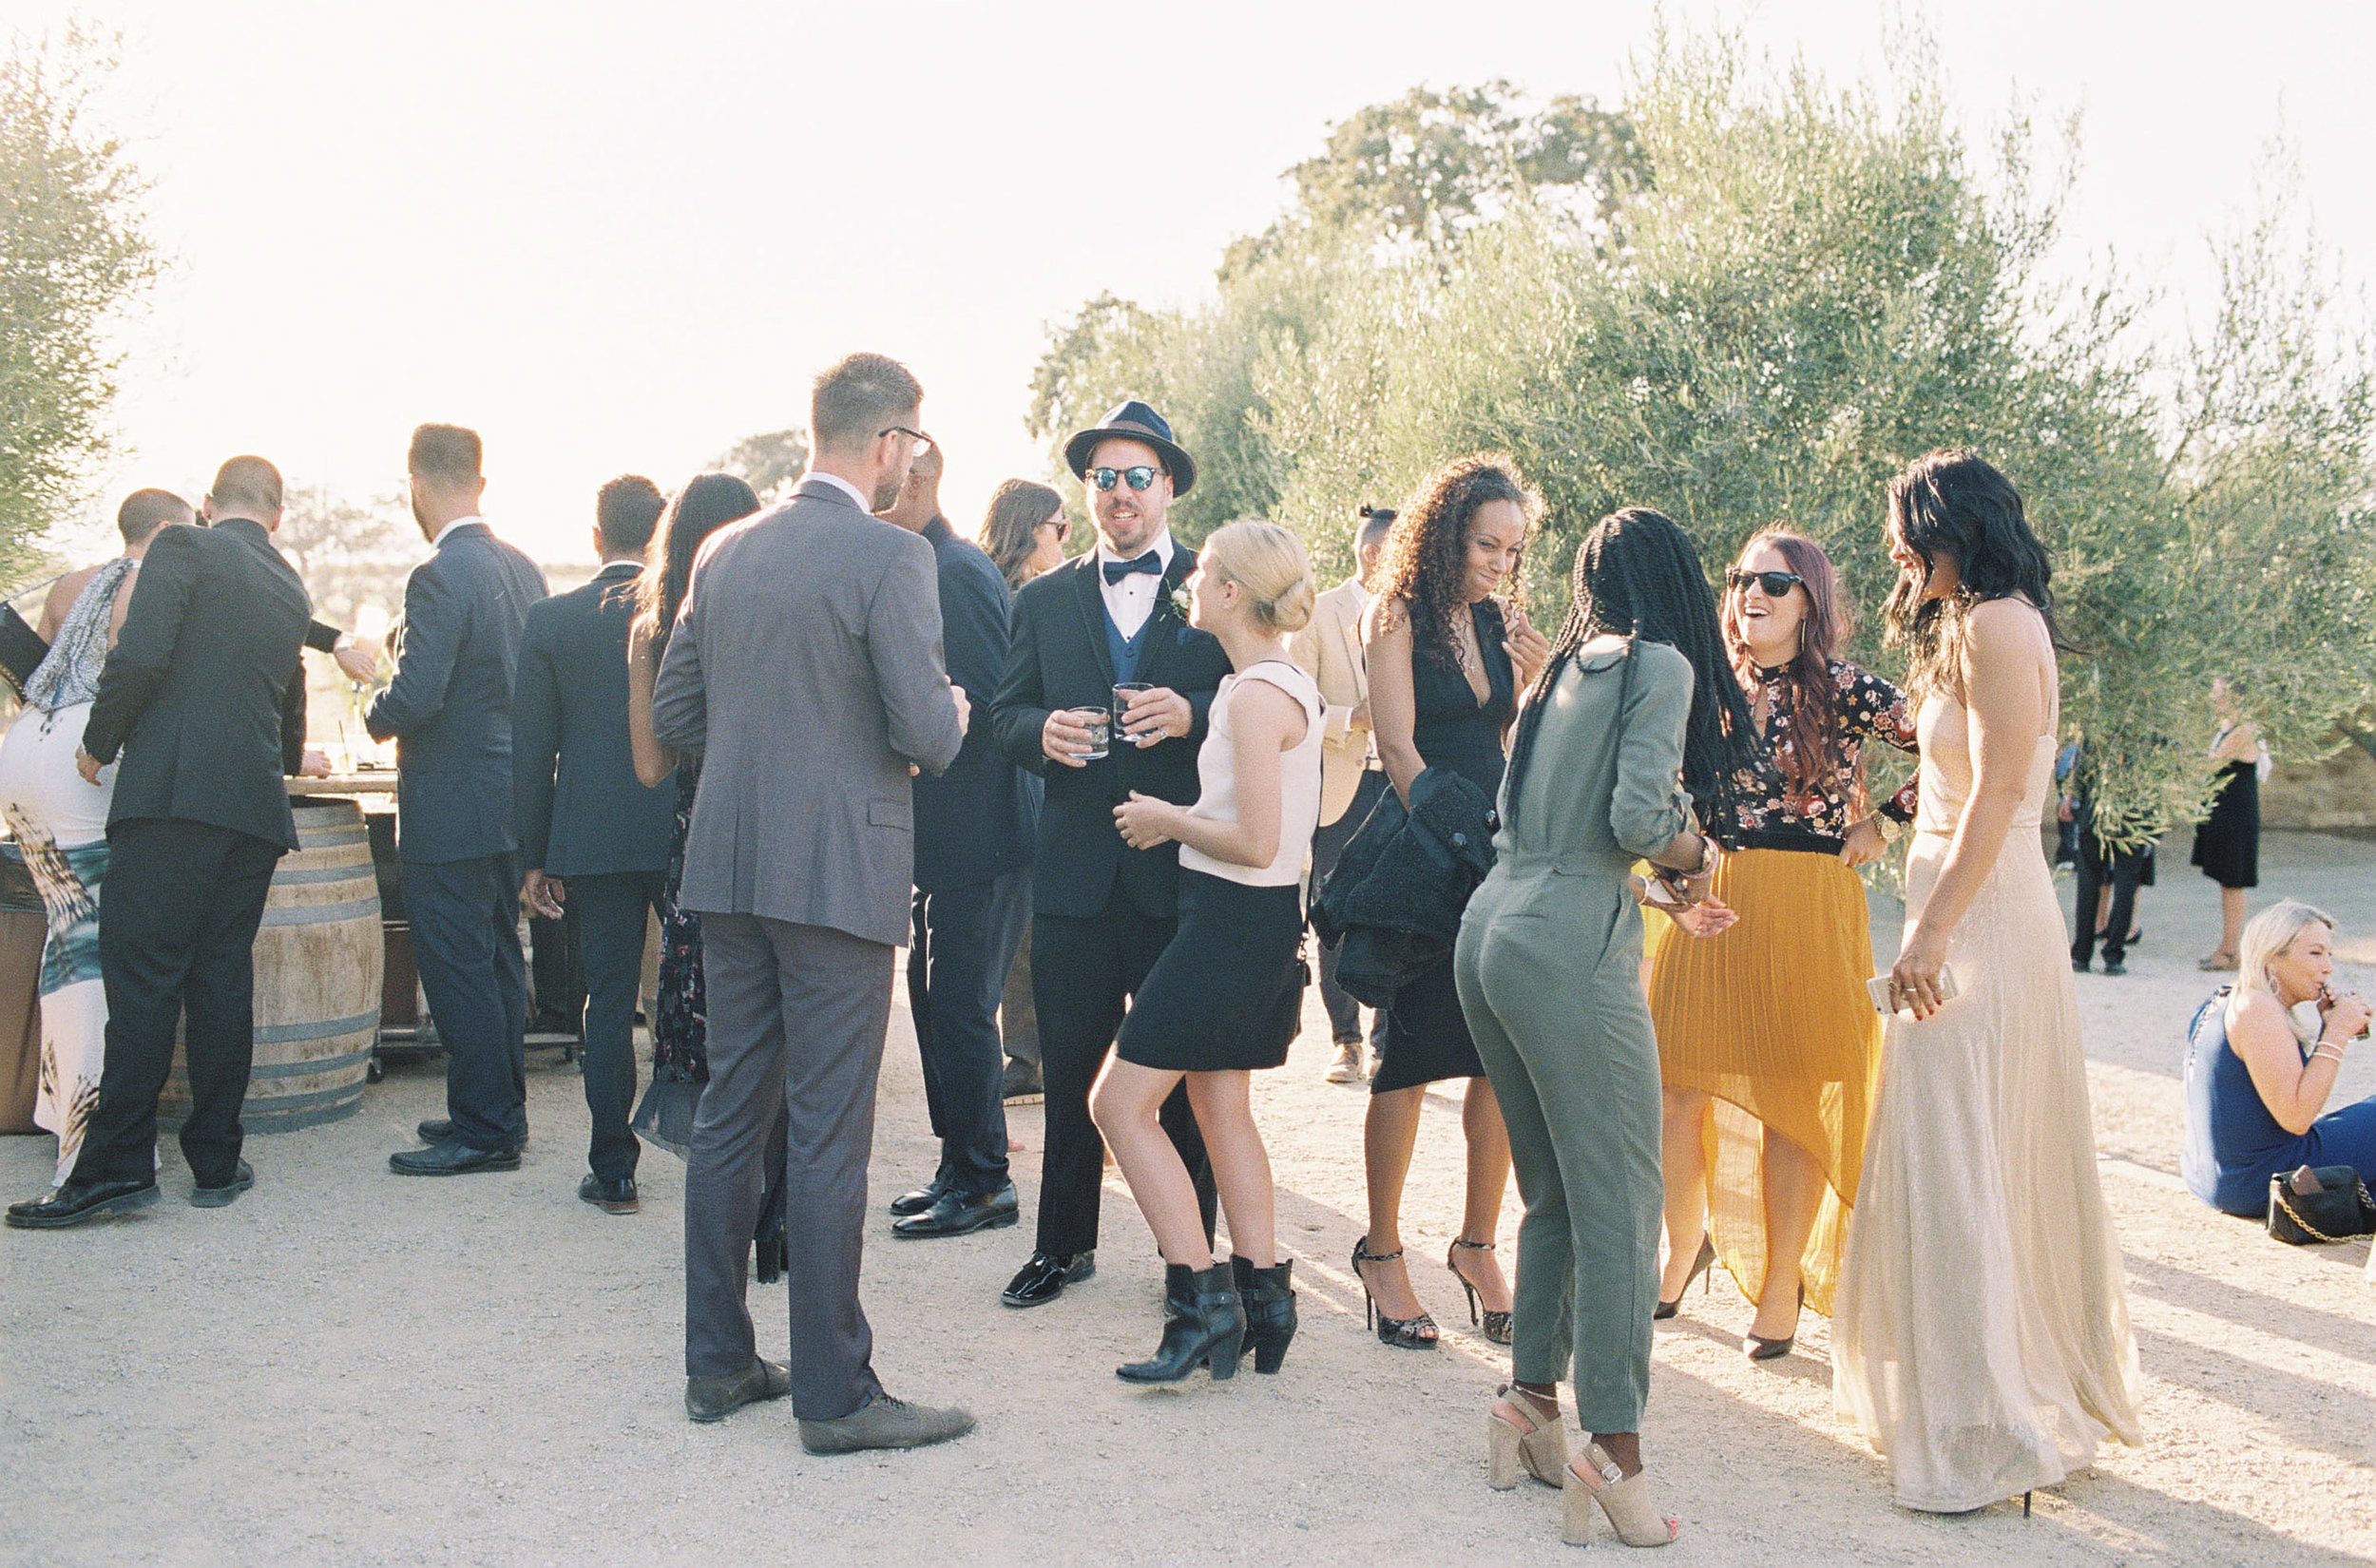 Sunstone_Villa_Wedding-119-Jen-Huang-JTEd-224-Jen_Huang-002813-R1-002.jpg